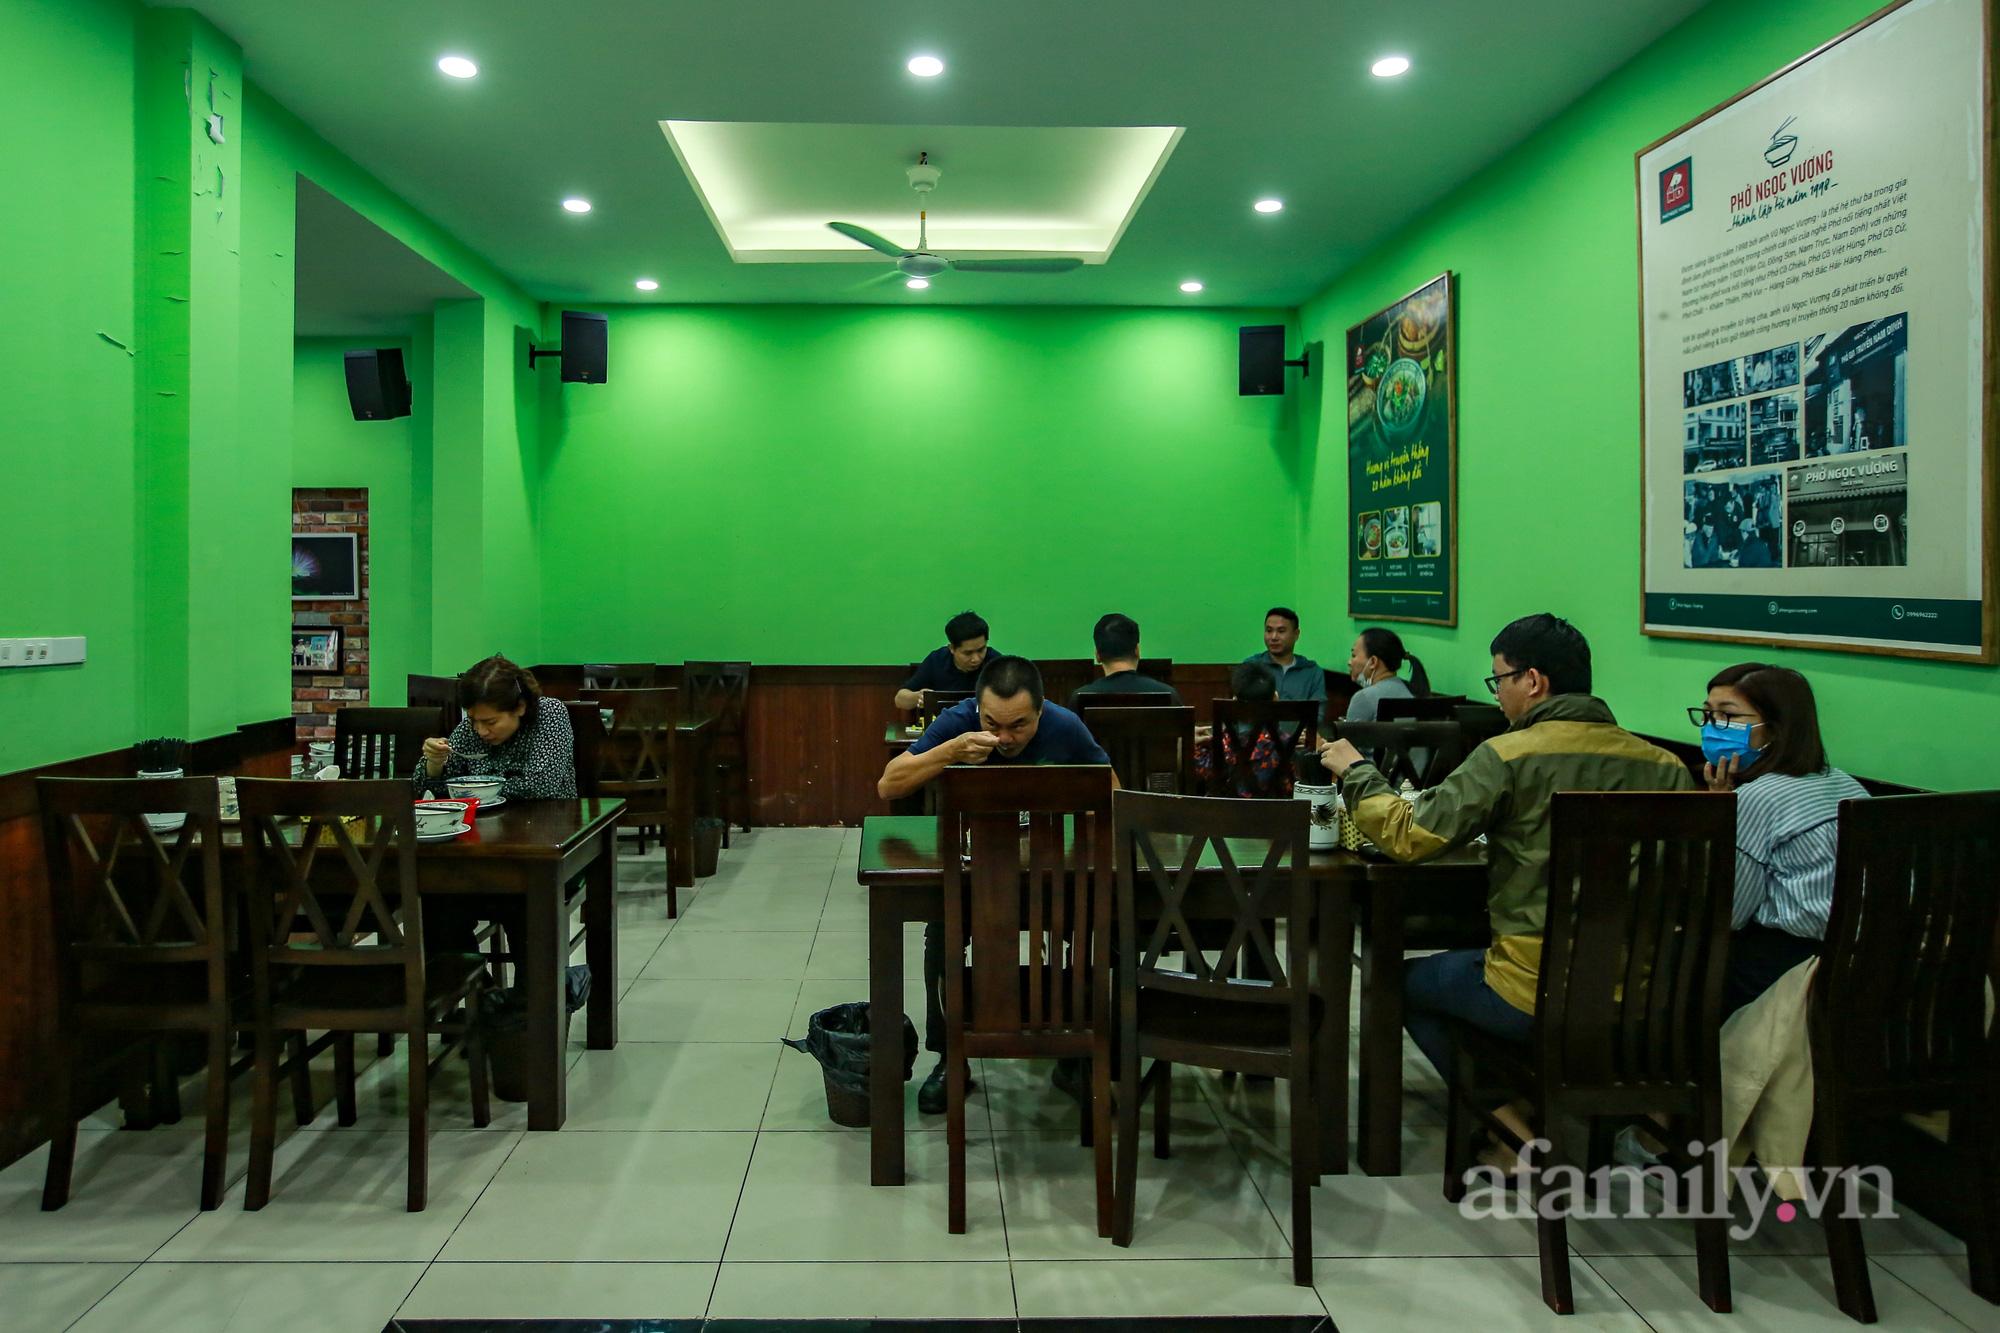 Người Hà Nội hồ hởi dậy sớm đi ăn sáng, cafe khi hàng ăn, uống được mở bán tại chỗ - Ảnh 5.